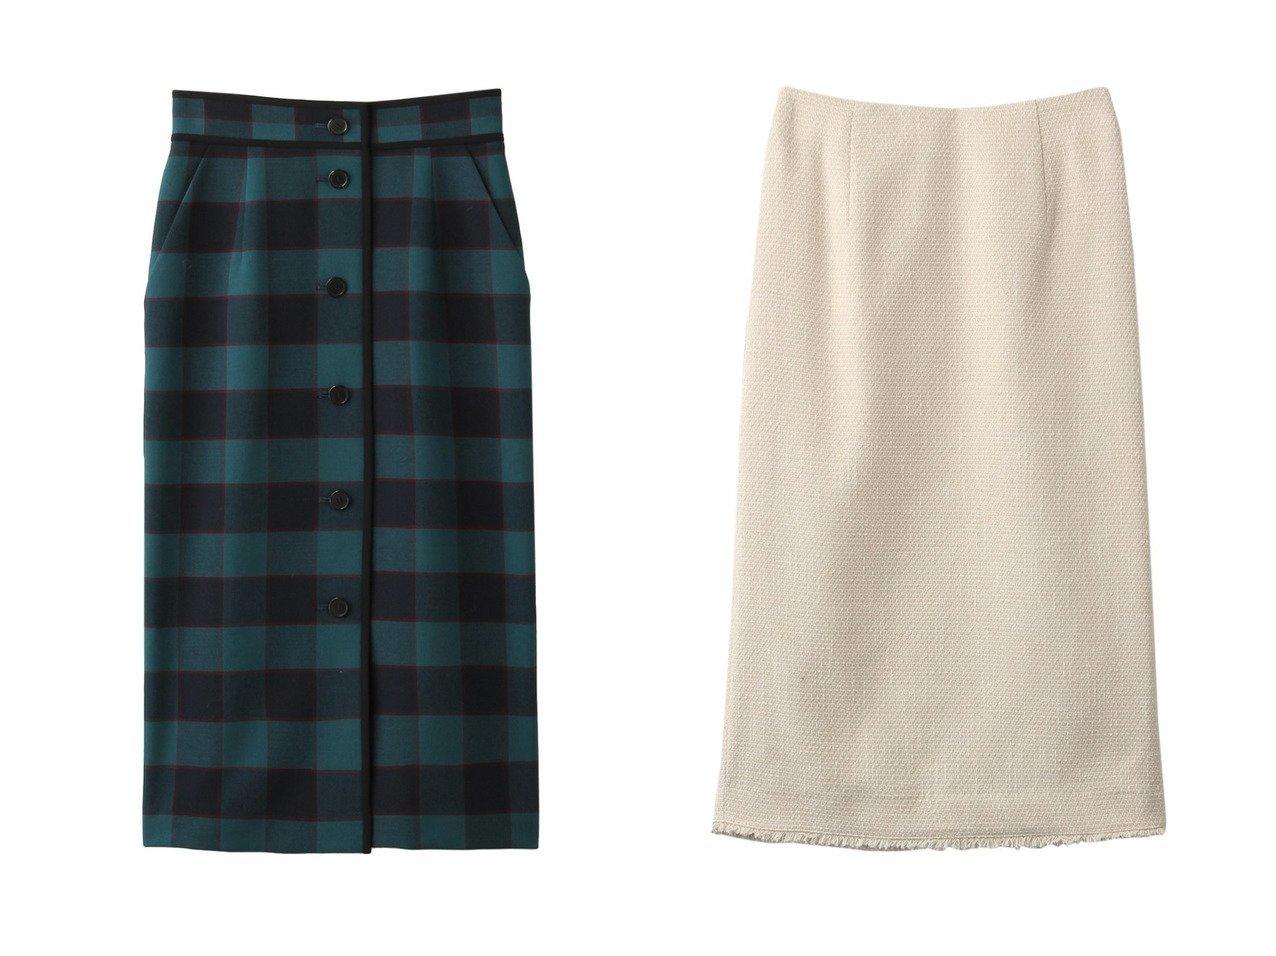 【allureville/アルアバイル】のリオペルチェックタイトスカート&スラブツイードタイトスカート スカートのおすすめ!人気、トレンド・レディースファッションの通販  おすすめで人気の流行・トレンド、ファッションの通販商品 メンズファッション・キッズファッション・インテリア・家具・レディースファッション・服の通販 founy(ファニー) https://founy.com/ ファッション Fashion レディースファッション WOMEN スカート Skirt タイトスカート チェック パイピング フロント ジャケット セットアップ パーティ フリンジ |ID:crp329100000009776